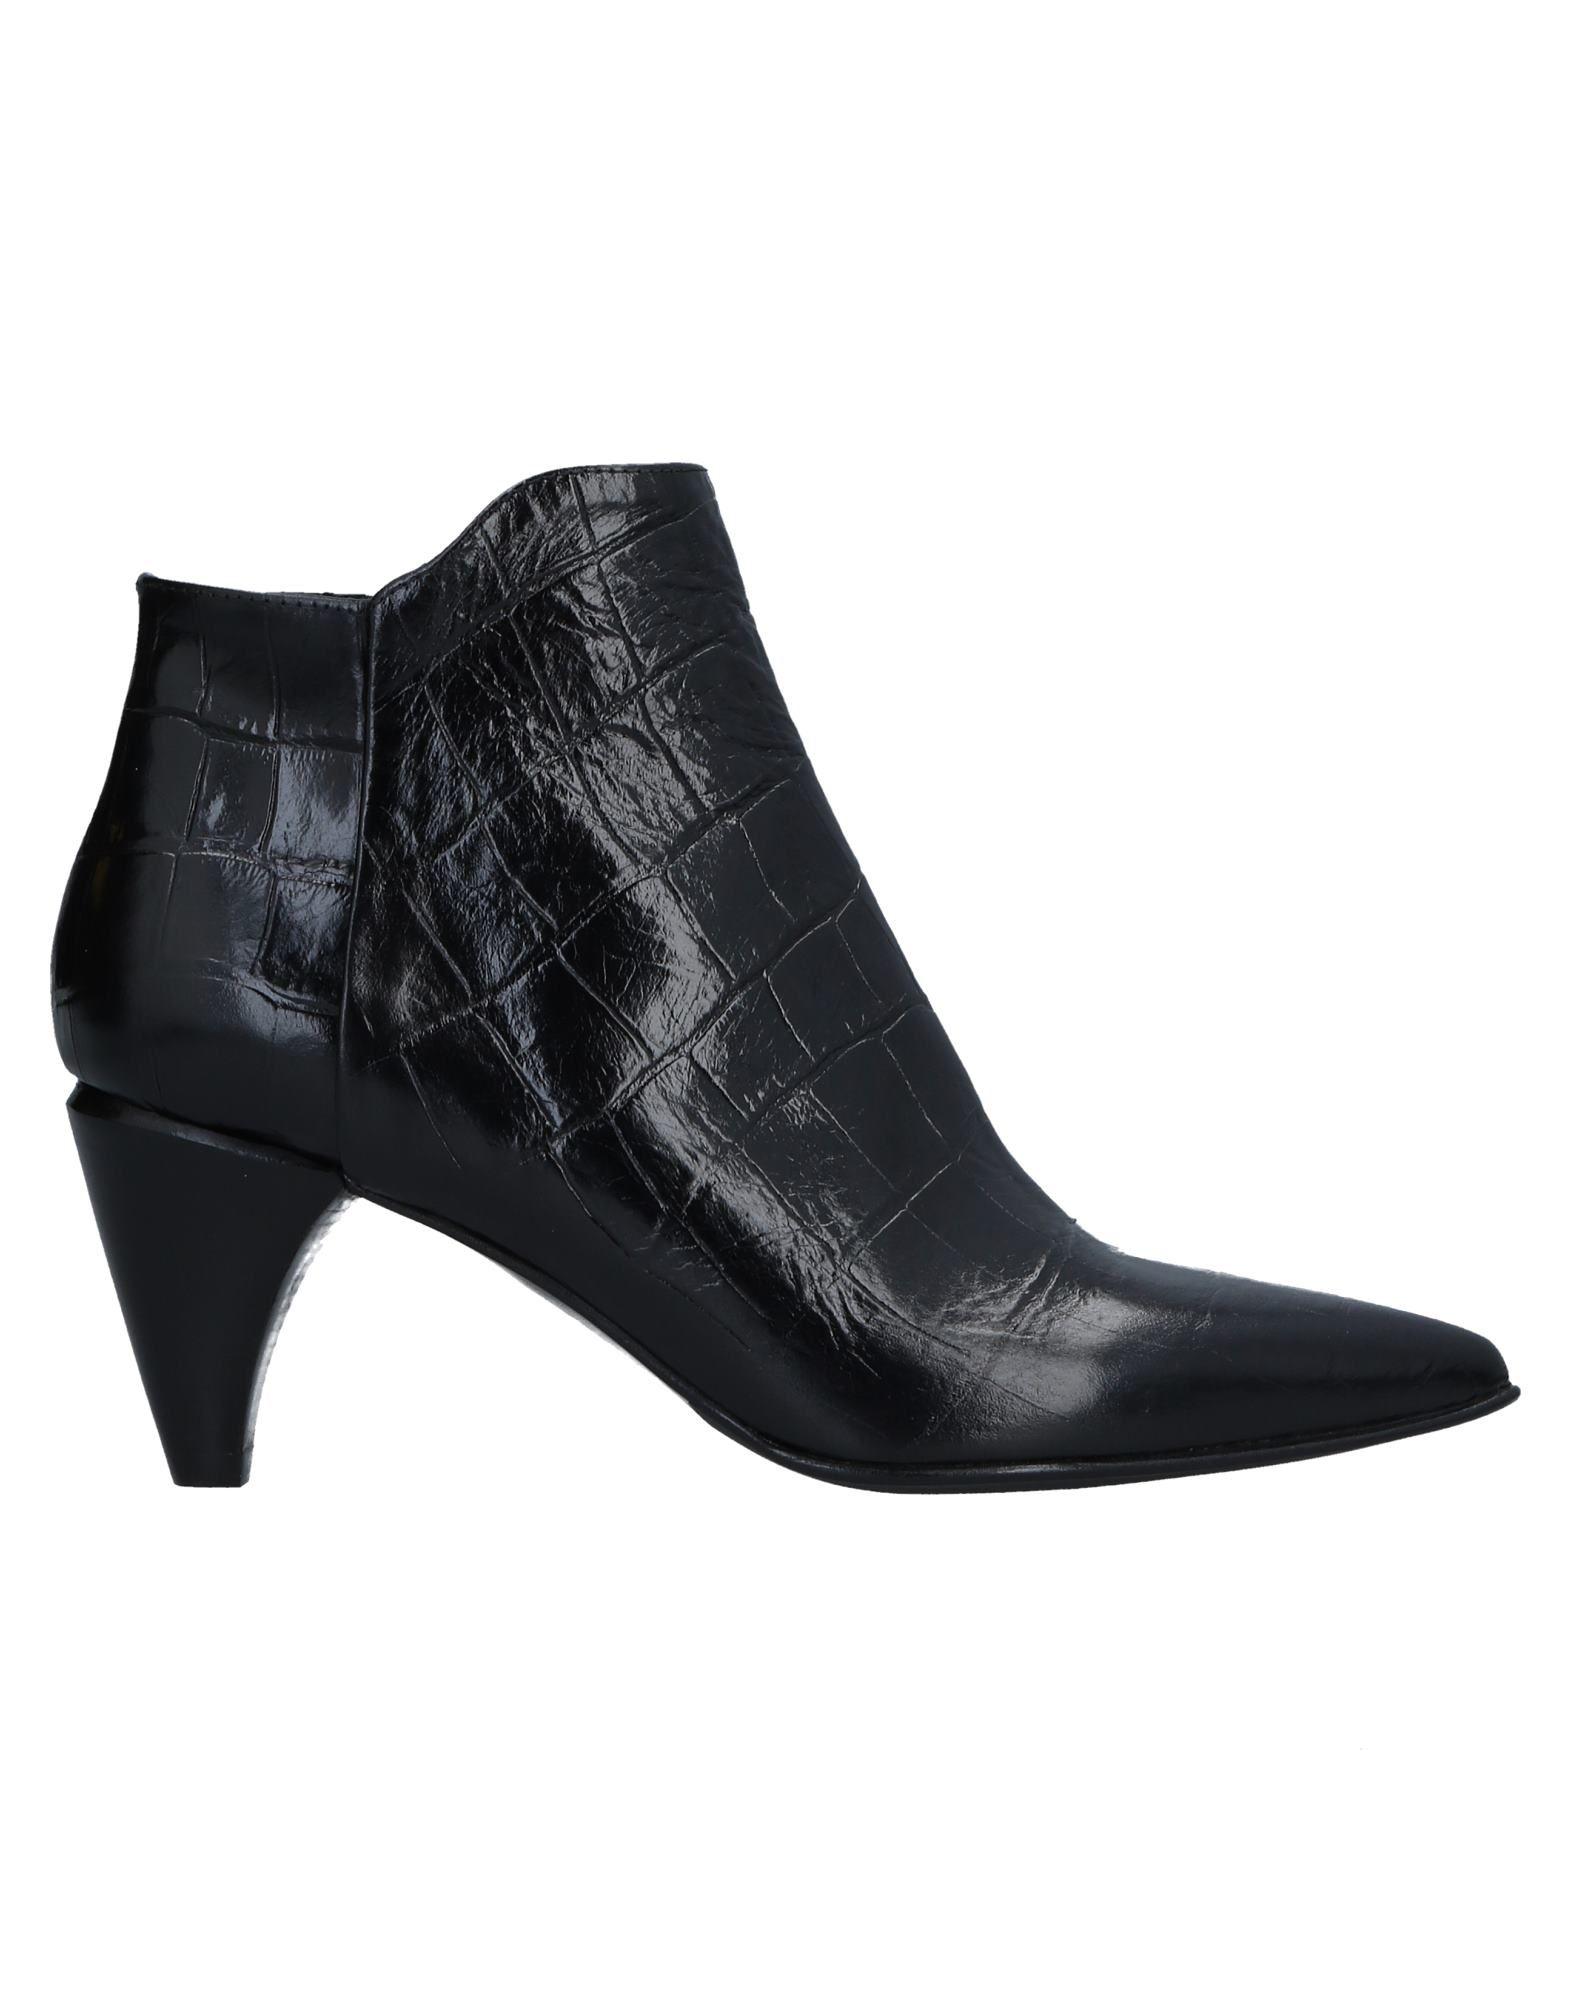 Zinda Stiefelette Damen  11542804GVGut aussehende strapazierfähige Schuhe